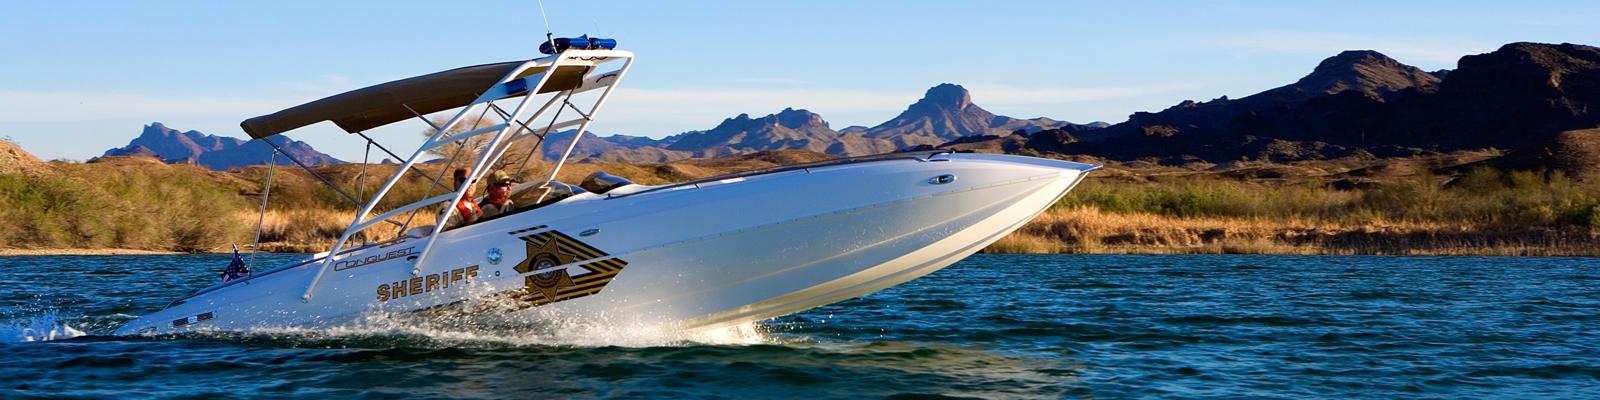 Colorado boat patrol